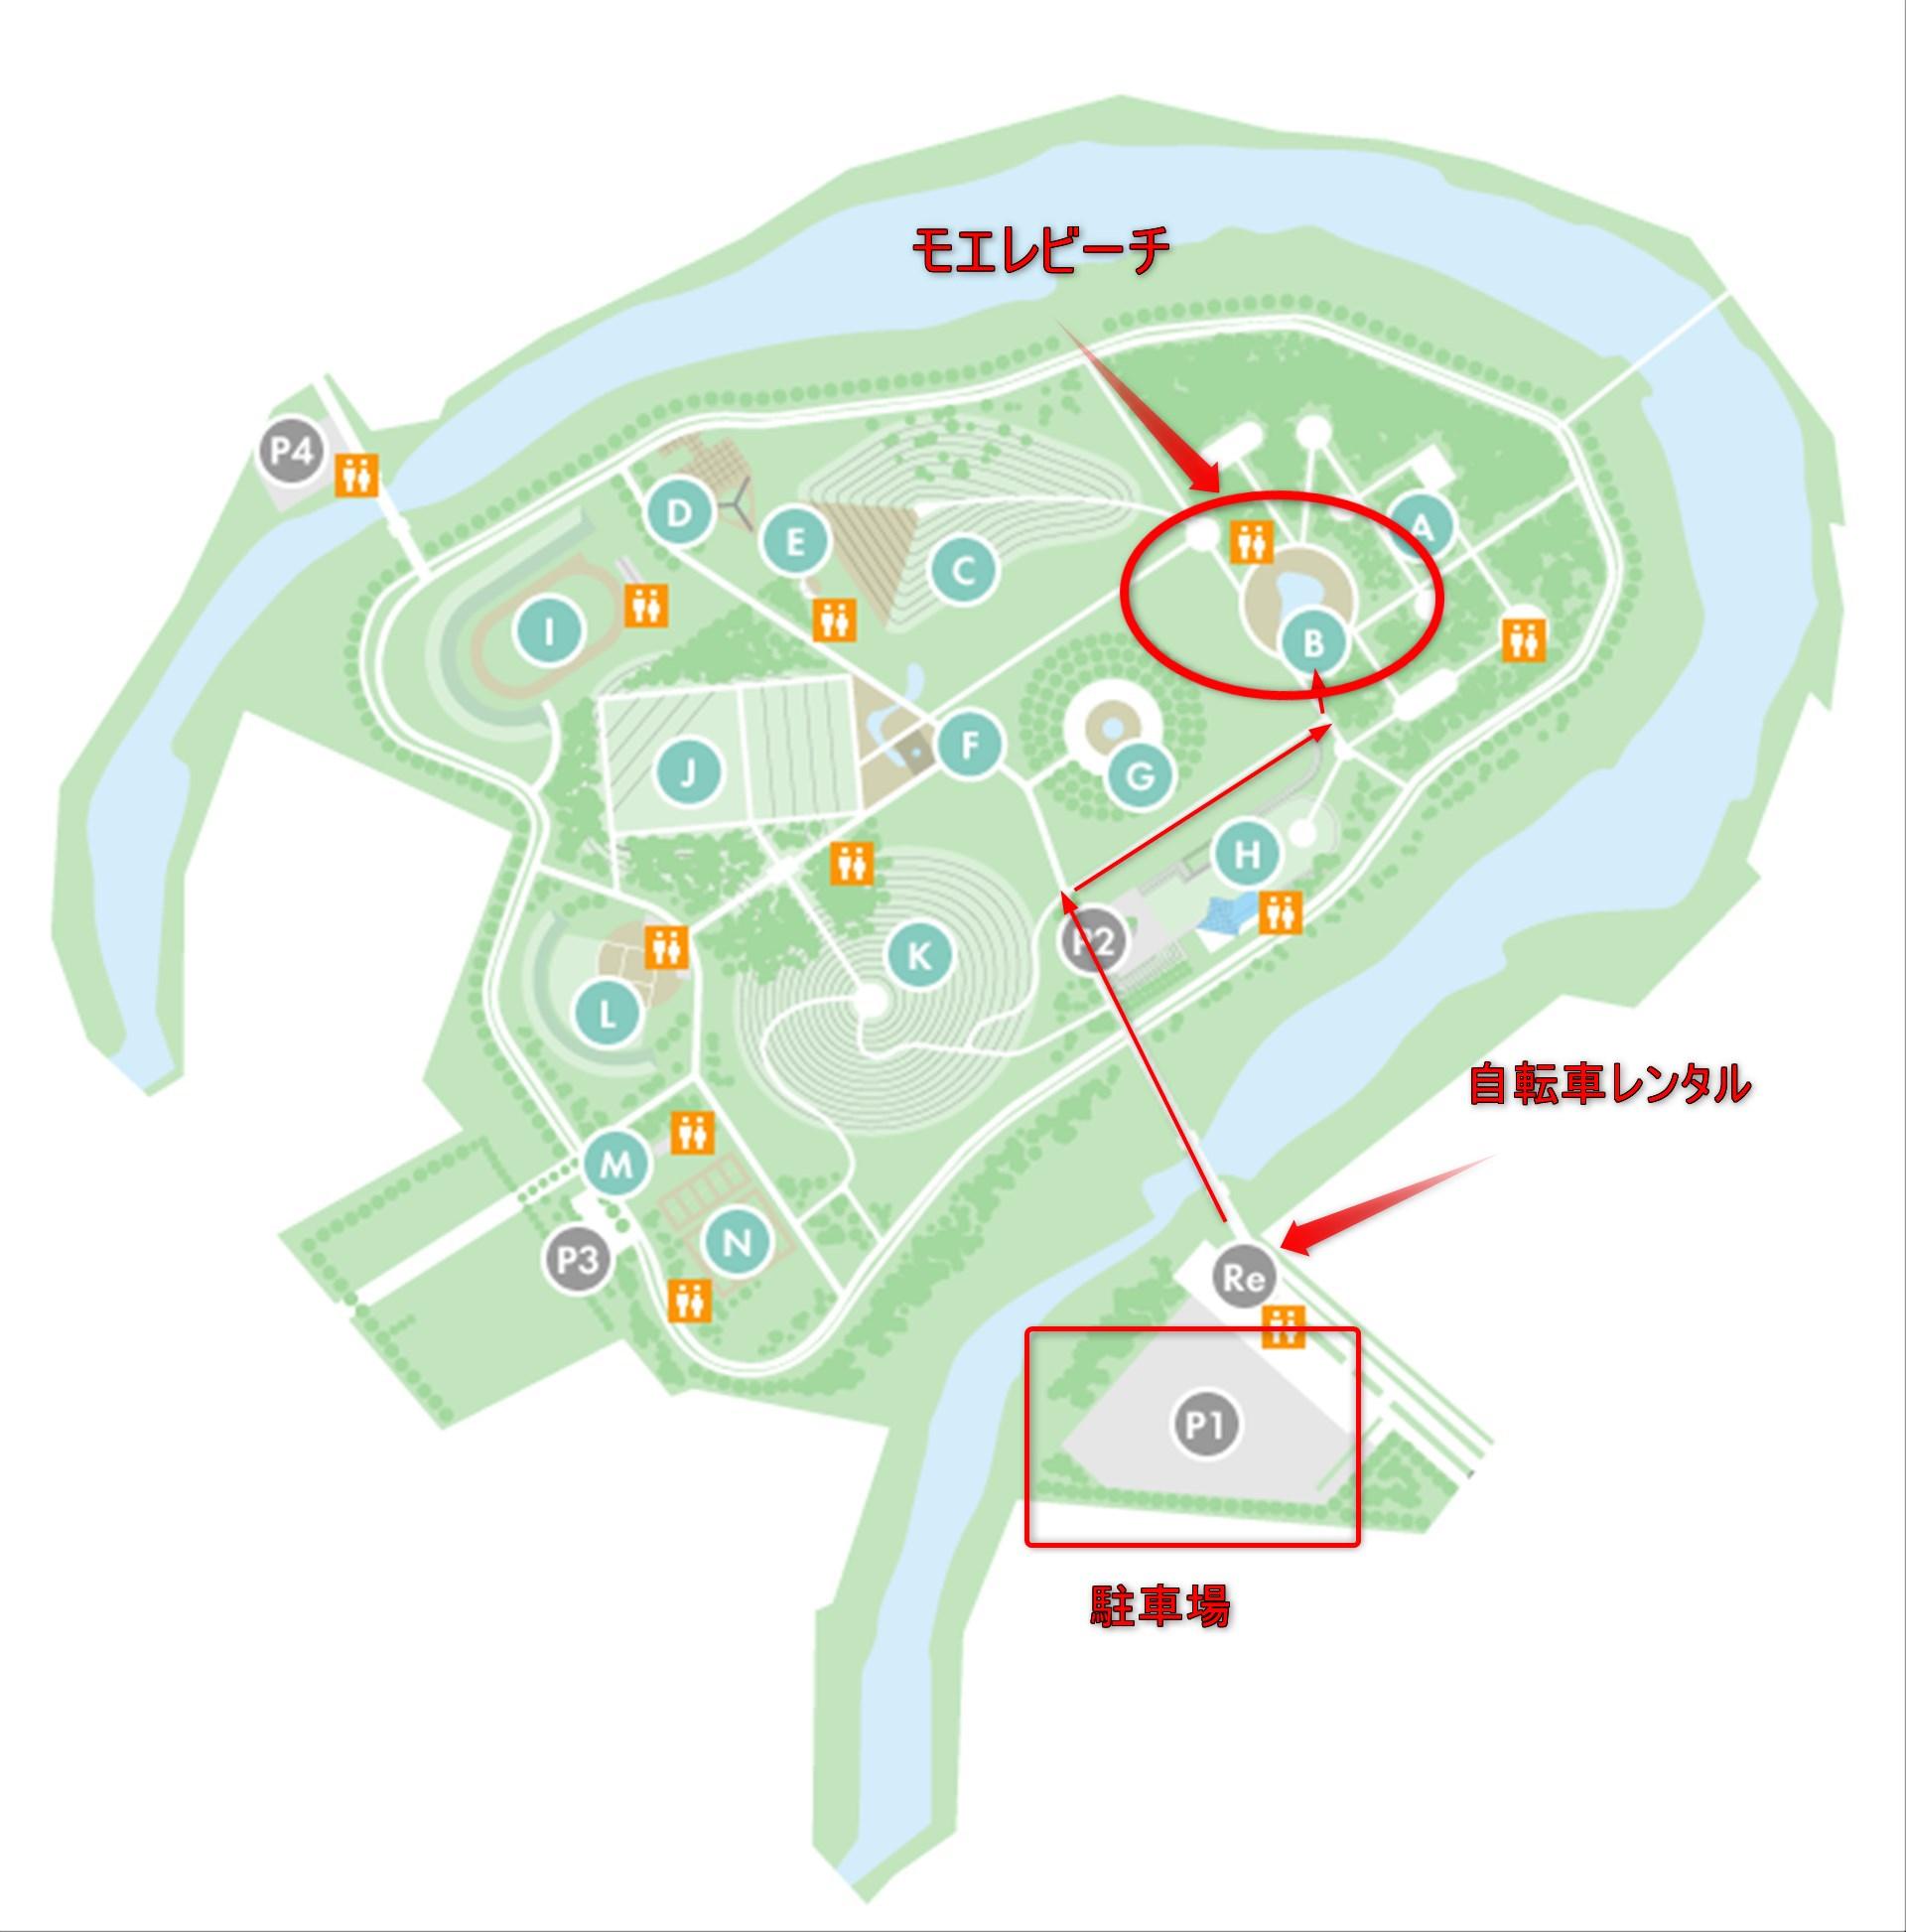 モエレ公園 水遊び場までの地図